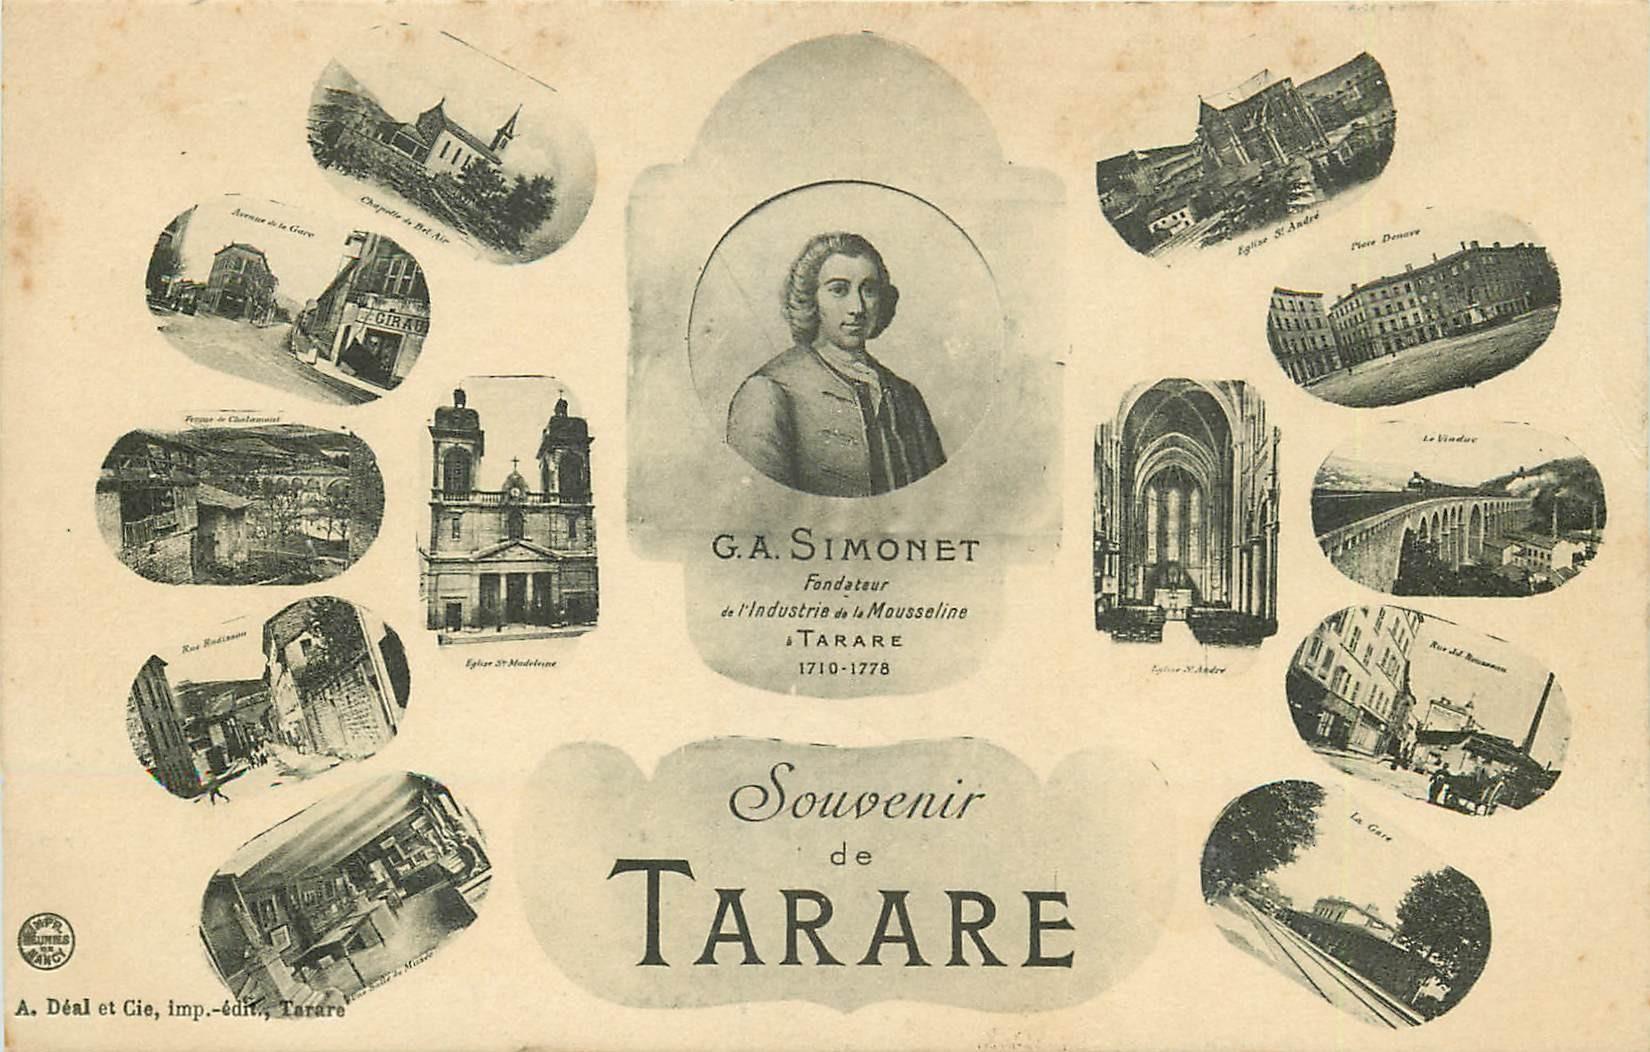 69 TARARE. Simonet fondateur Industrie de la Mousseline